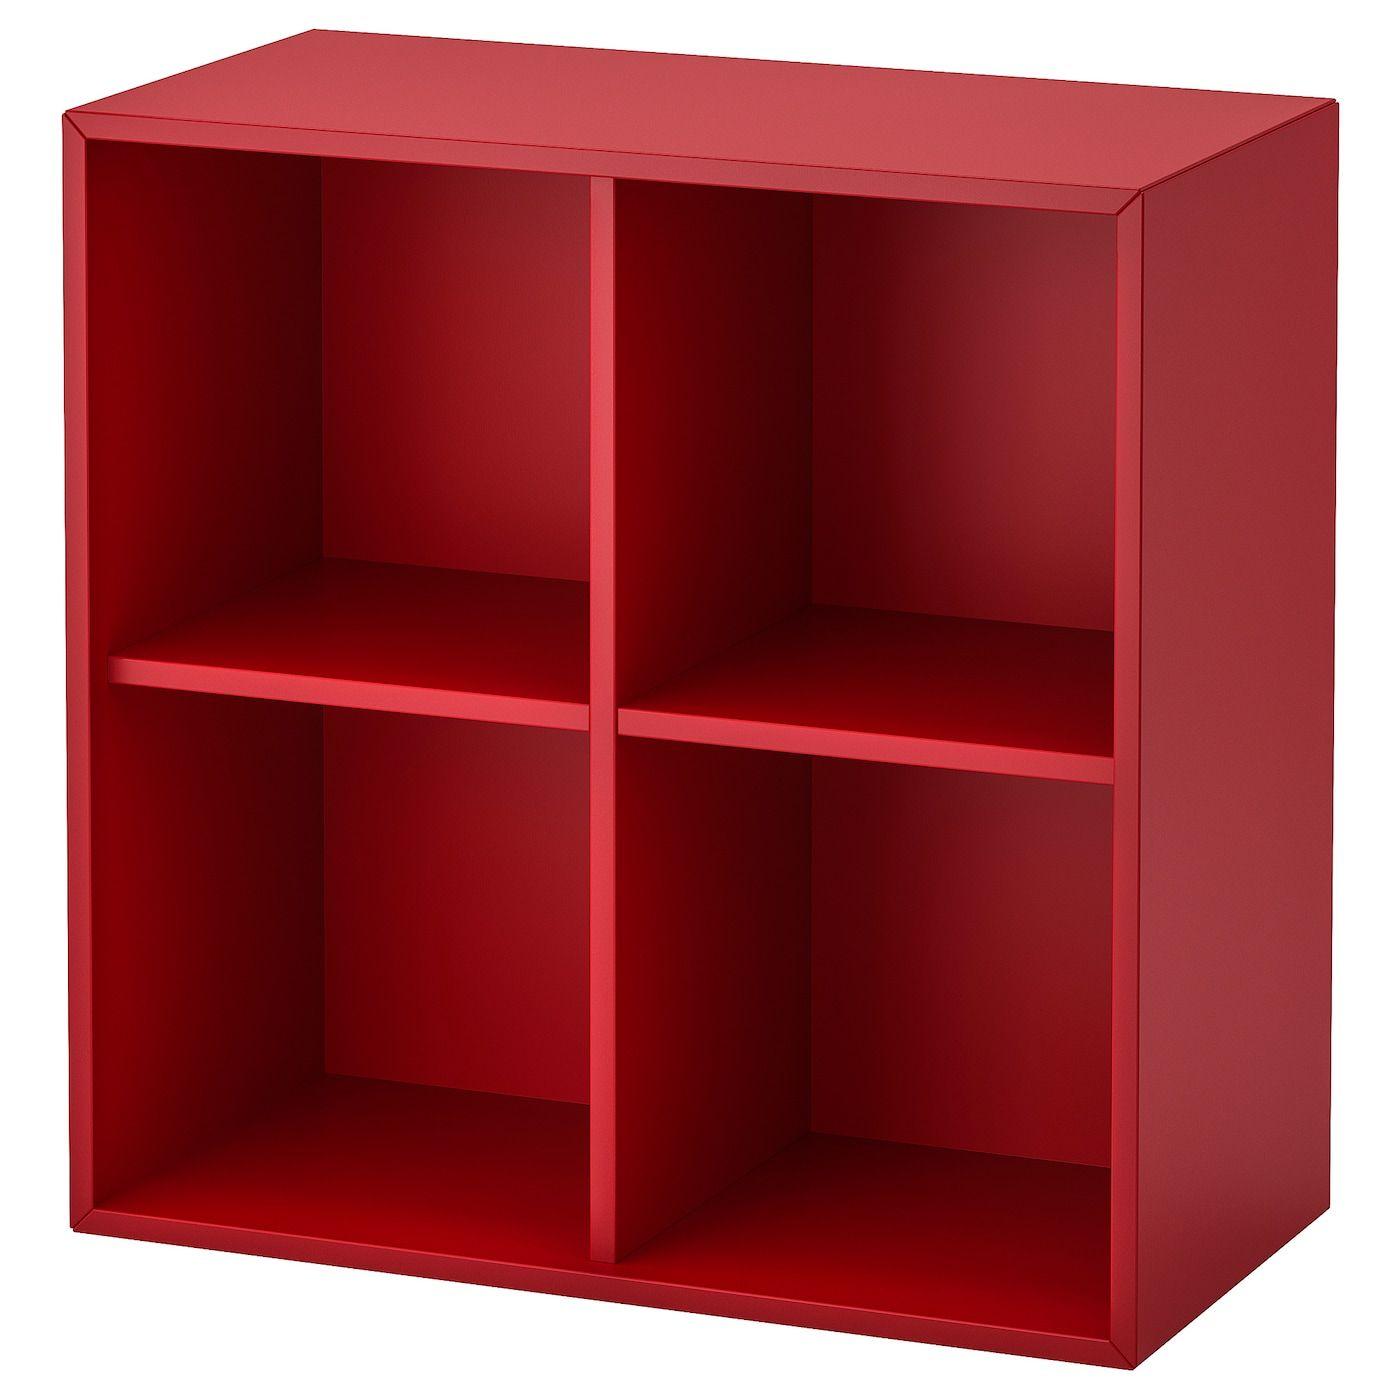 Eket Regalelement 4 Facher Wandmontiert Rot Ikea Osterreich